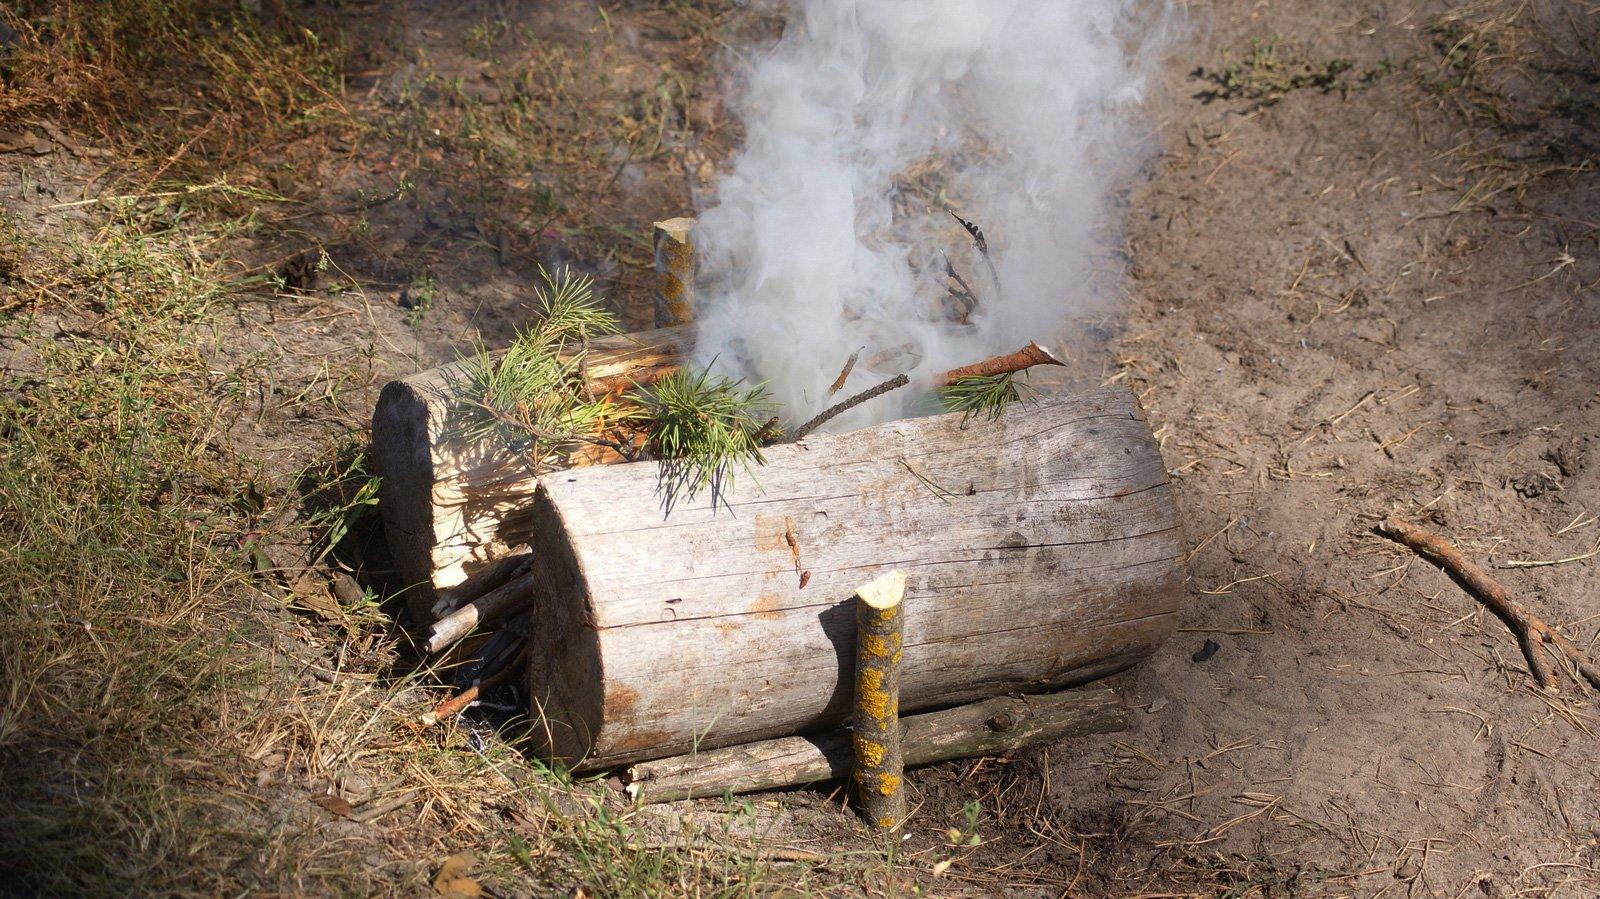 Подготовка деревянного <s>бушлата</s> мангала